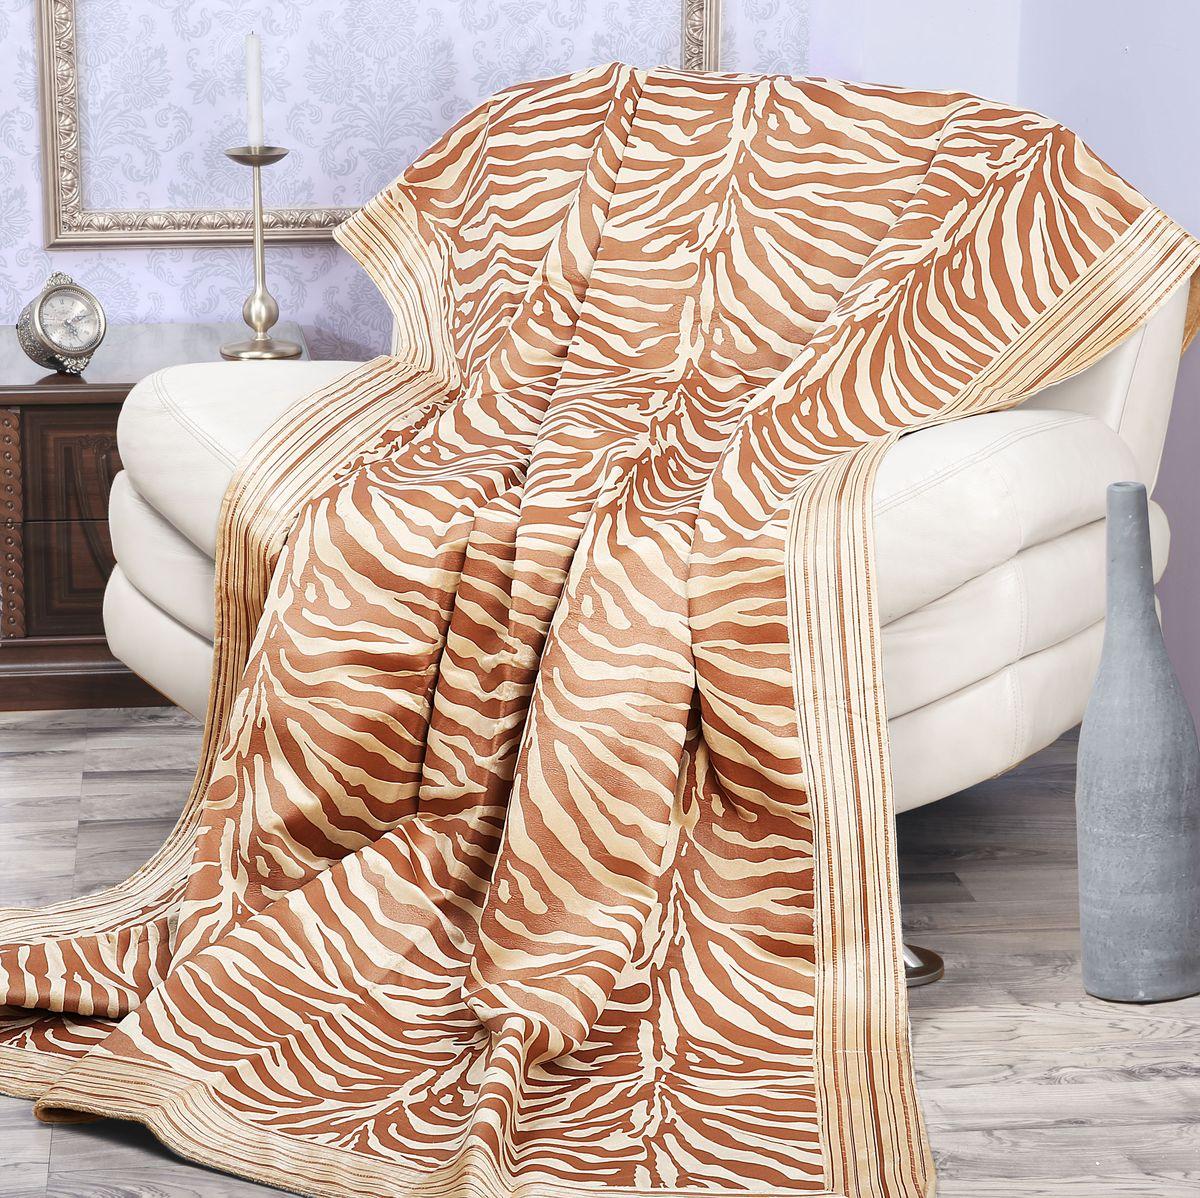 Покрывало Mona Liza Elite Indigo, цвет: бежевый, коричневый, 180 см х 220 см98299571Роскошное покрывало Mona Liza Elite Indigo из высококачественного полиэстера гармонично впишется в интерьер вашего дома и создаст атмосферу уюта и комфорта. Такое покрывало согреет в прохладную погоду и будет превосходно дополнять интерьер вашей спальни. Высочайшее качество материала гарантирует безопасность не только взрослых, но и самых маленьких членов семьи. Небольшой ворс придает покрывалу мягкость и оригинальность. Покрывало может подчеркнуть любой стиль интерьера, задать ему нужный тон - от игривого до ностальгического. Покрывало - это такой подарок, который будет всегда актуален, особенно для ваших родных и близких, ведь вы дарите им частичку своего тепла! Покрывала серии Mona Liza Elite выполнены из шенилловой ткани деворе - при выжигании части волокон образуется характерный рельефный рисунок.